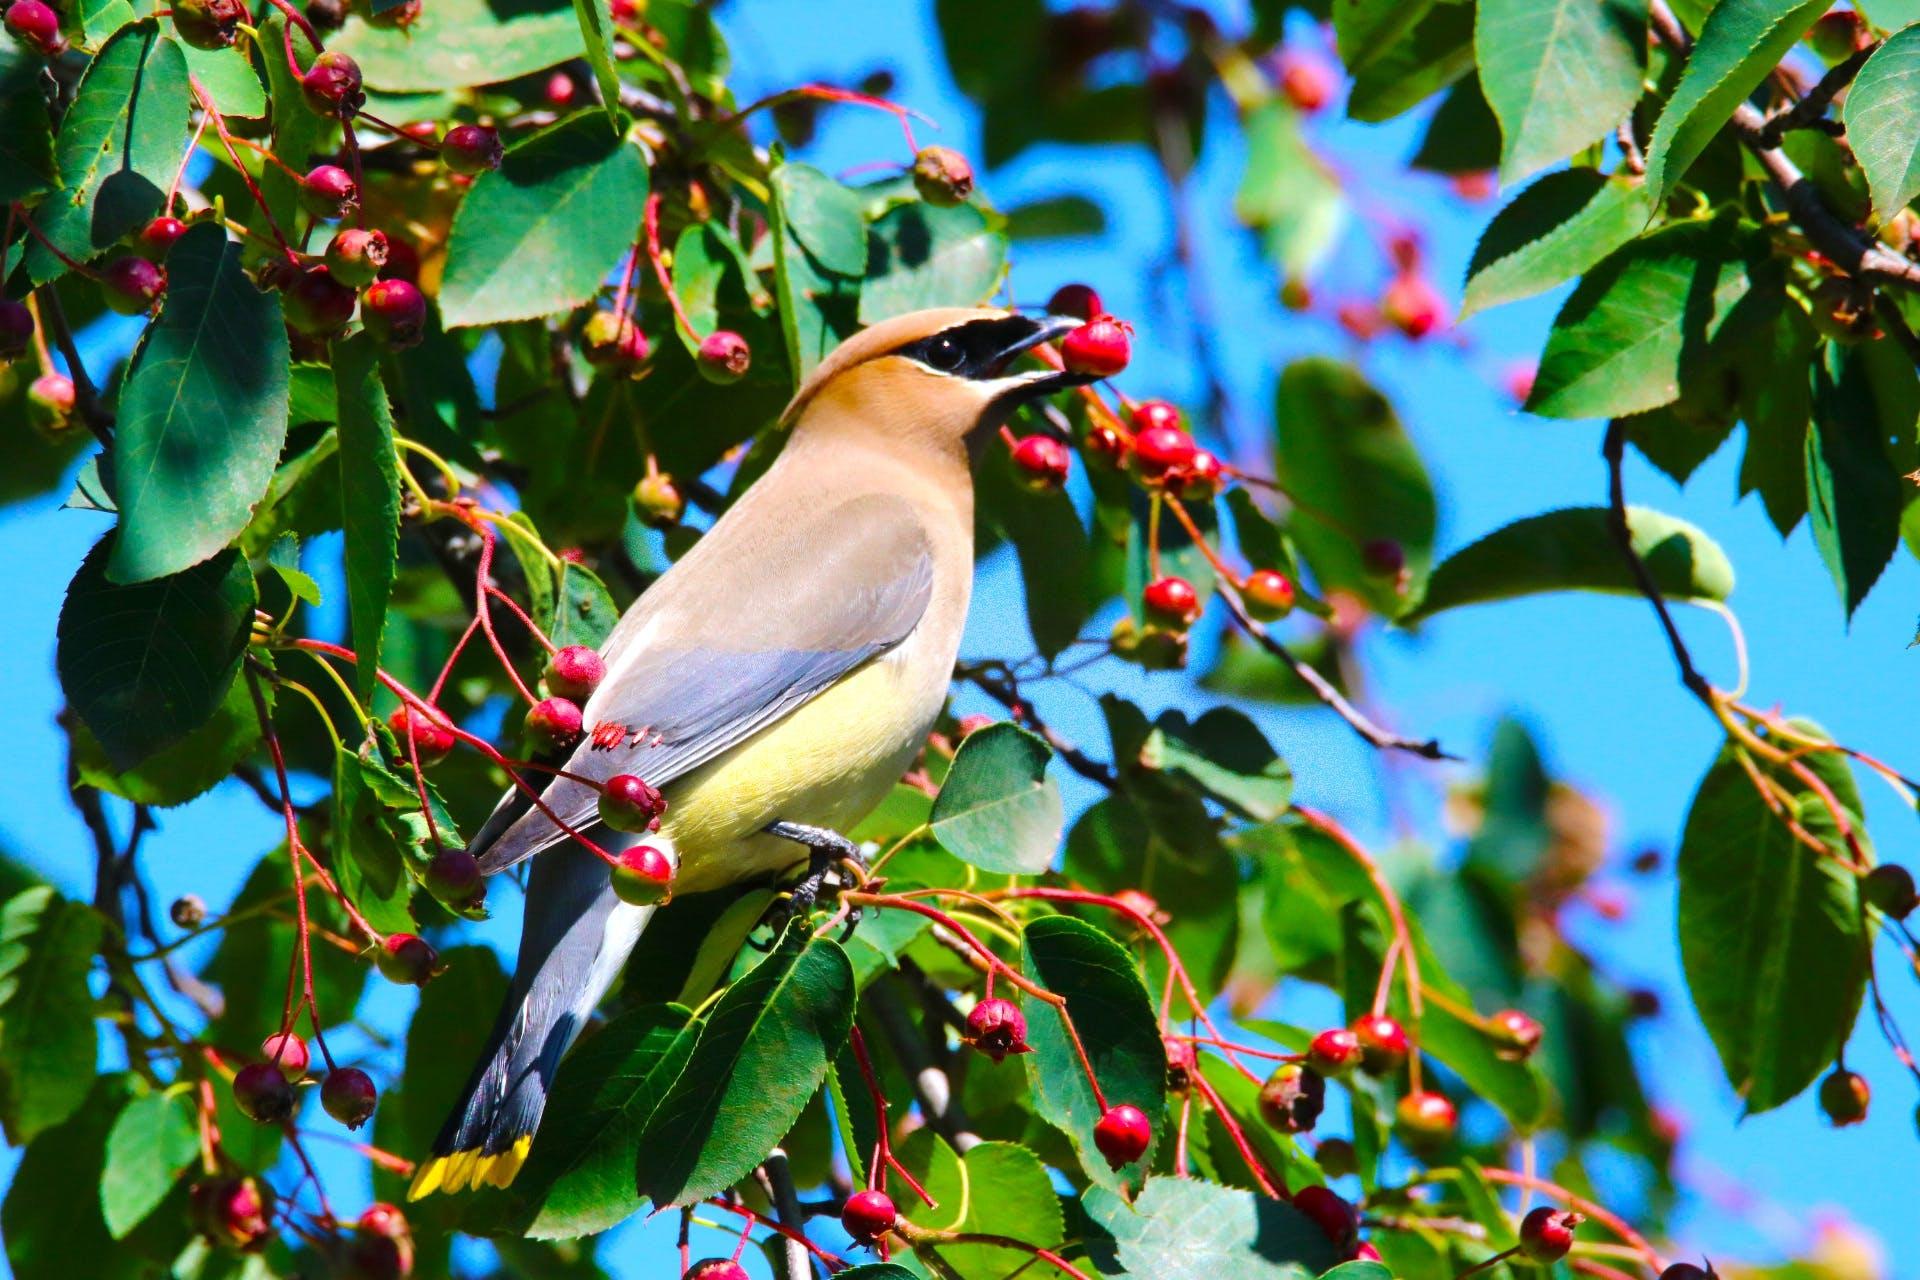 berry, bird, bloom